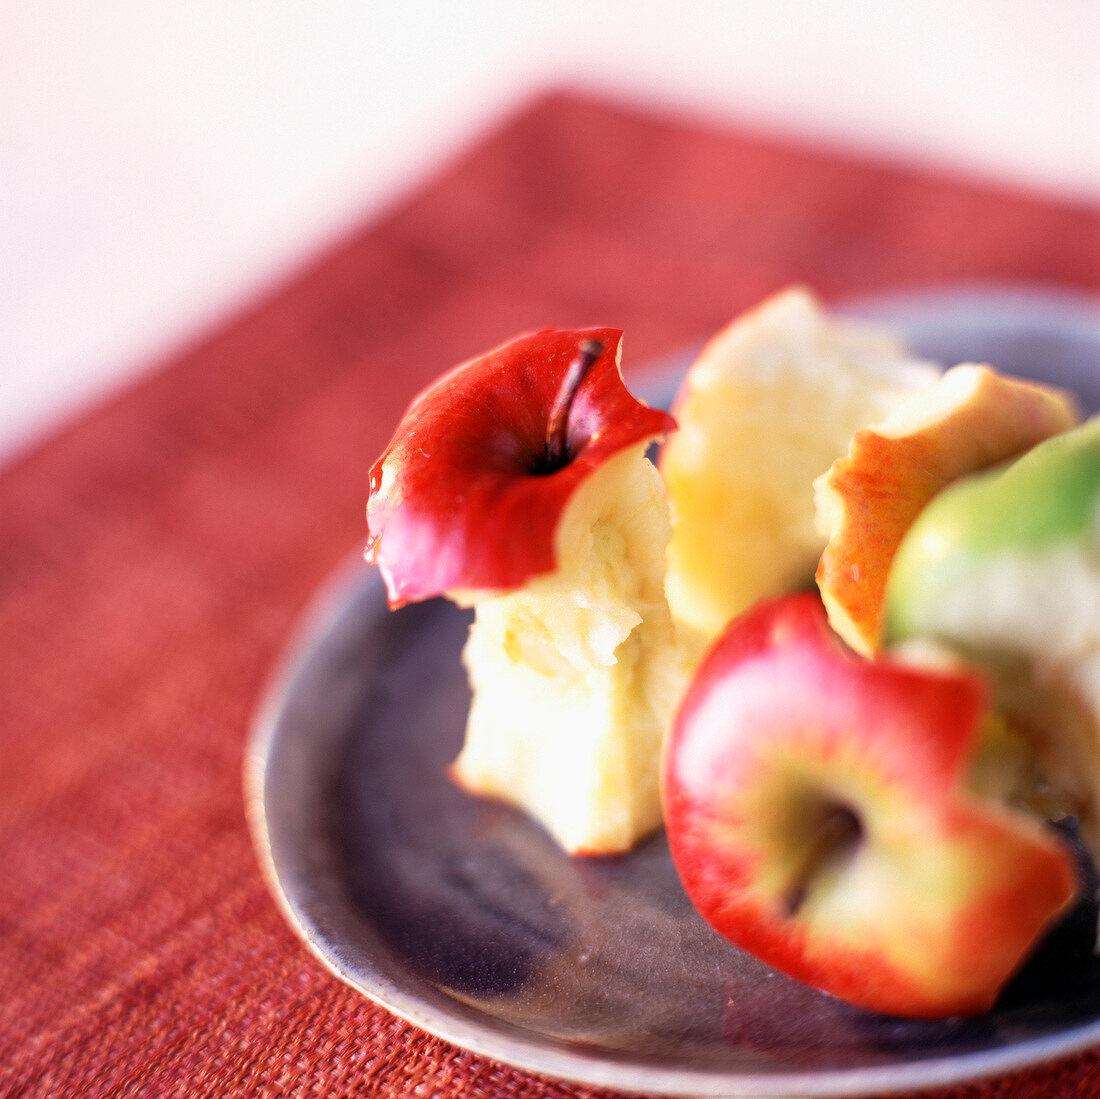 Half eaten apples